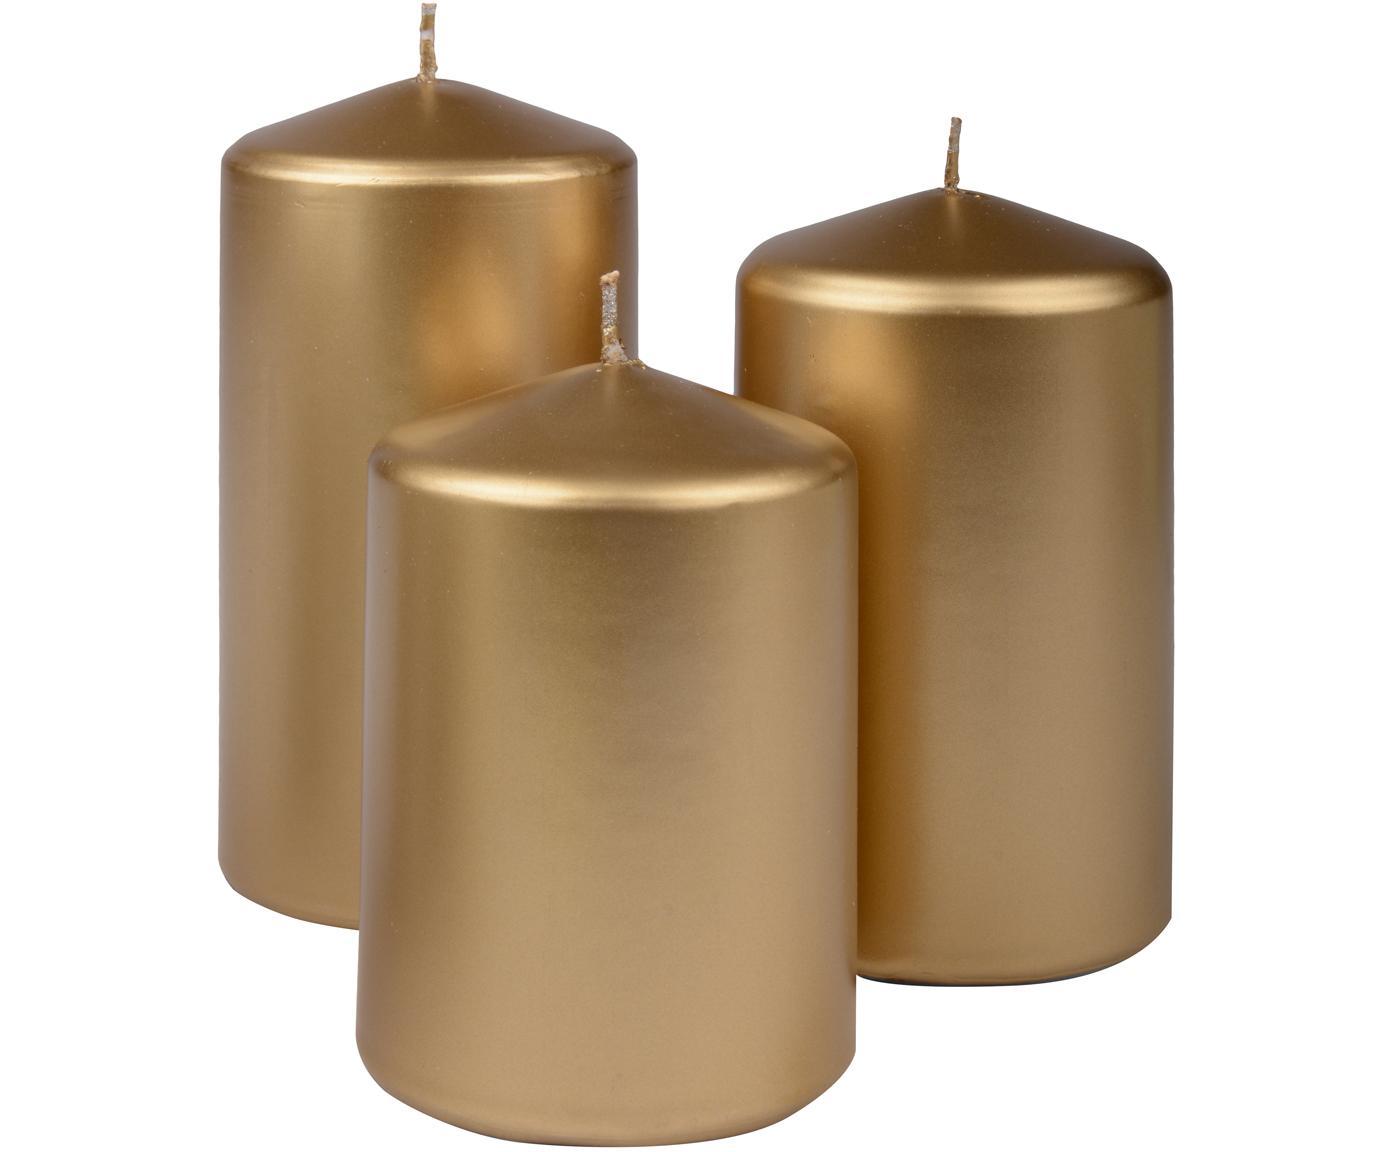 Komplet świec stołowych Parilla, 3 elem., Wosk, Odcienie złotego, Różne rozmiary